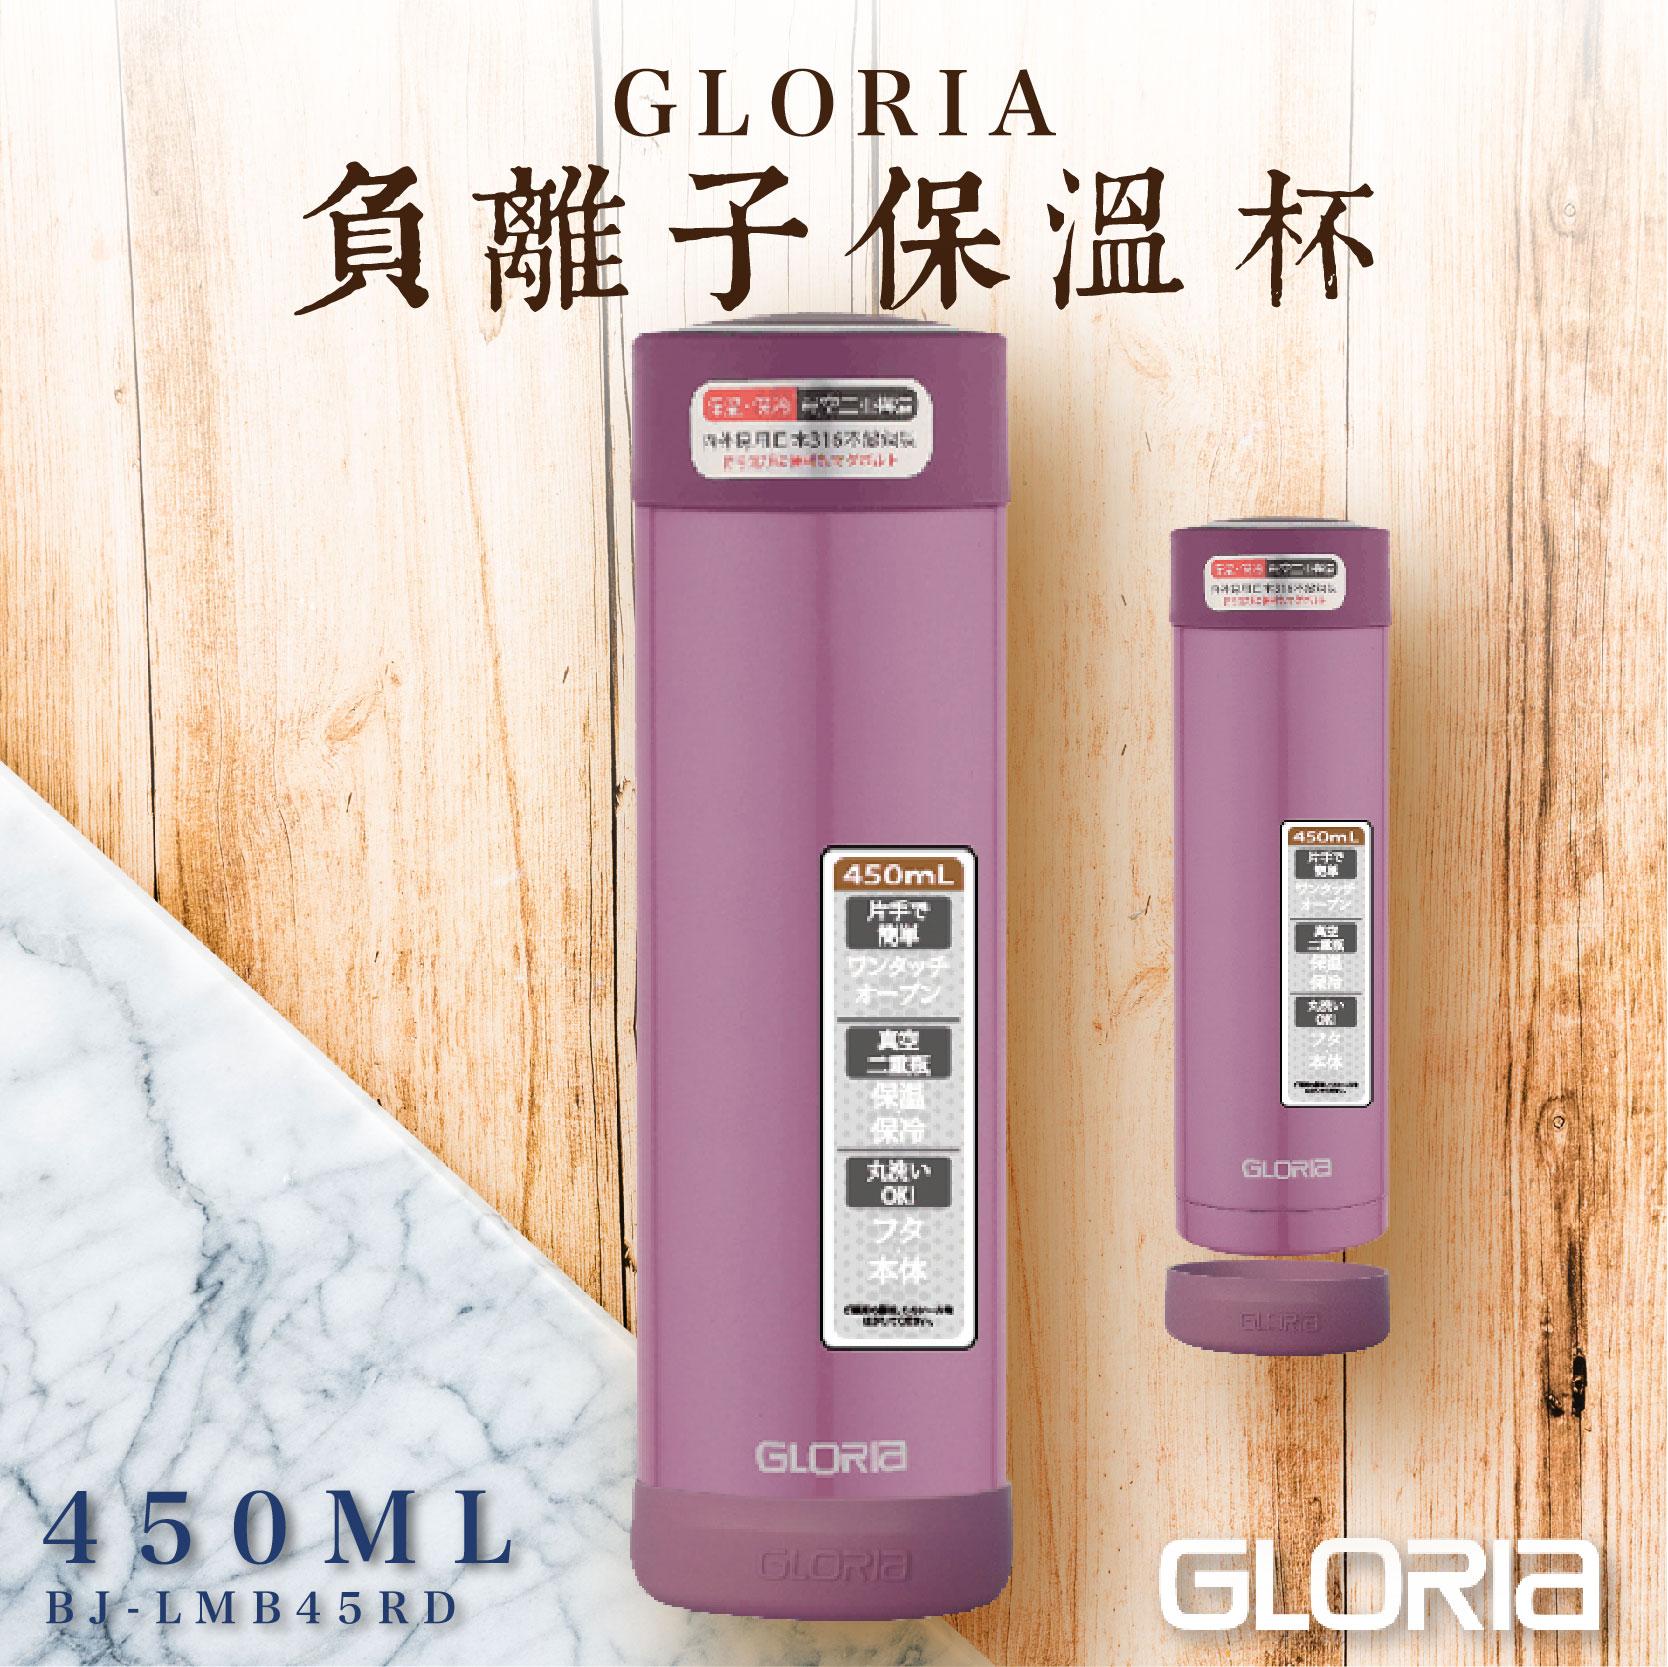 日本品質 內外頂級316不鏽鋼 負離子保溫瓶 450ML 海棠紅 BJ-LMB45RD 保溫真空 GLORIA 旋蓋